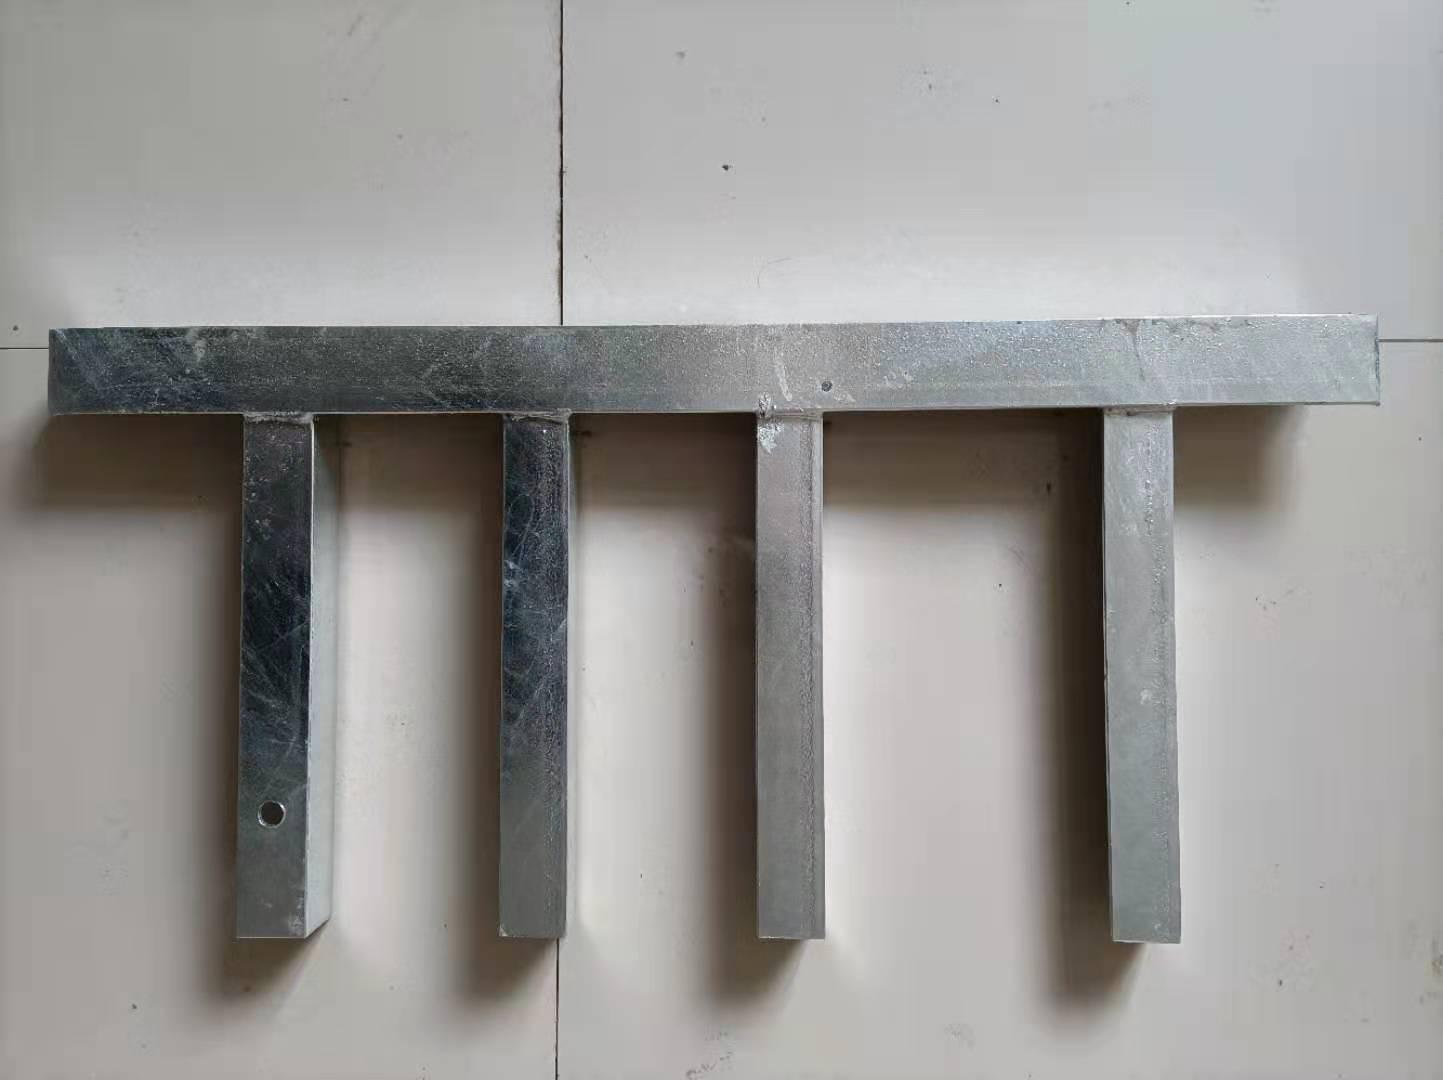 角鋼電纜溝支架 鍍鋅電纜支架 鍍鋅電纜托架 鍍鋅金屬品